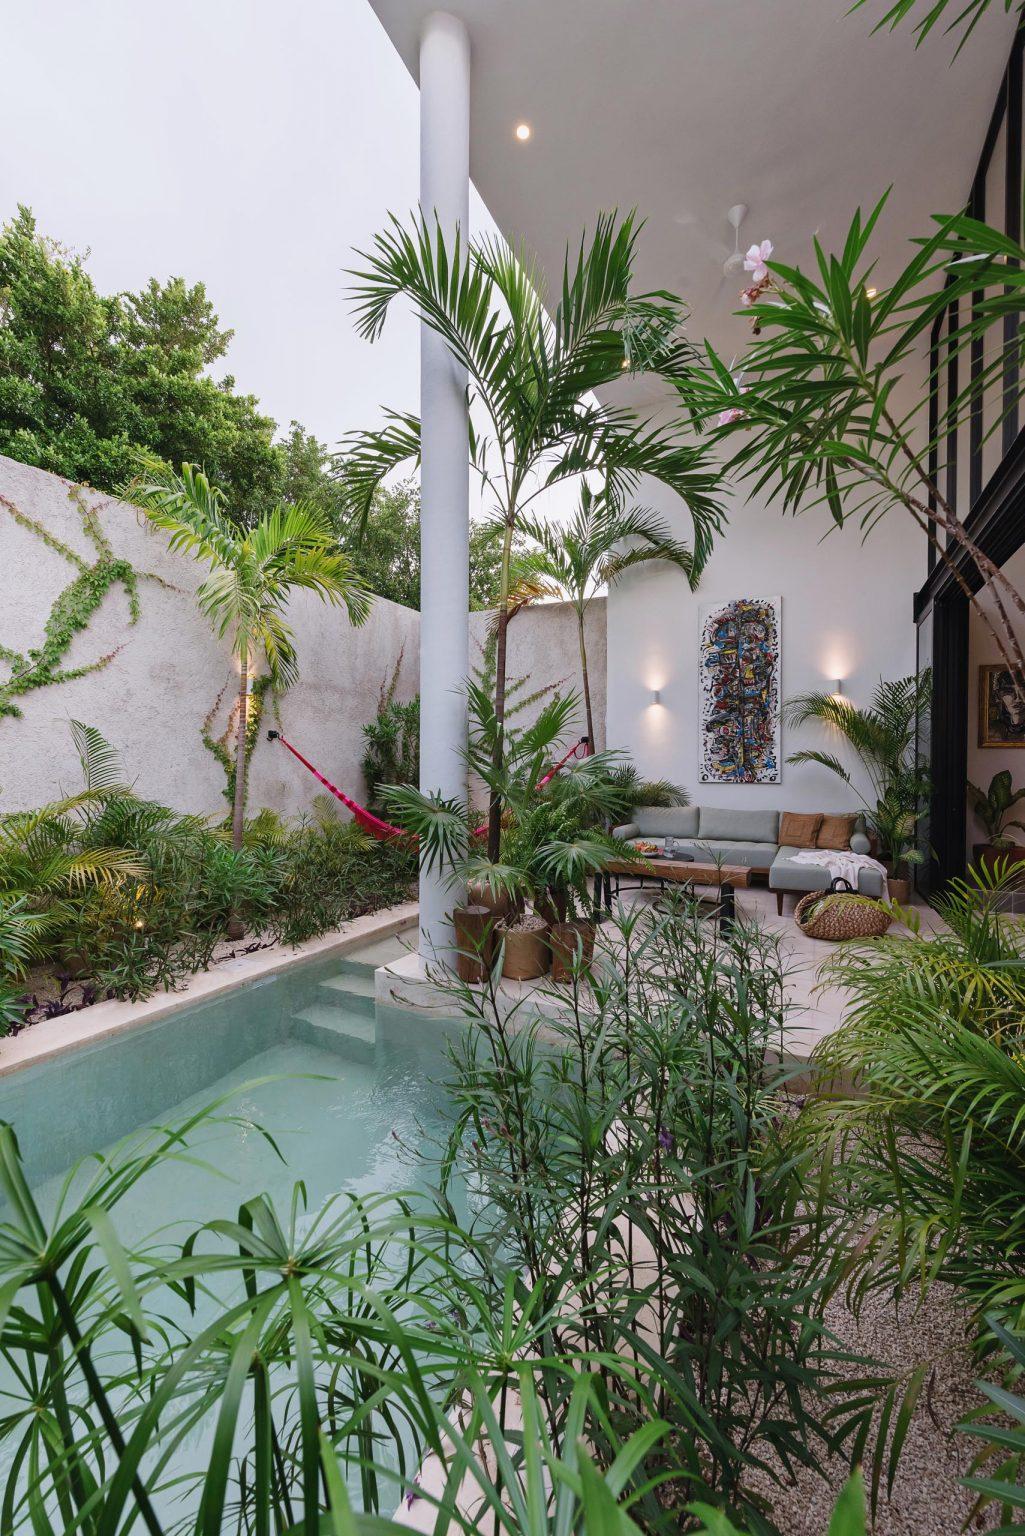 piscina con vegetación